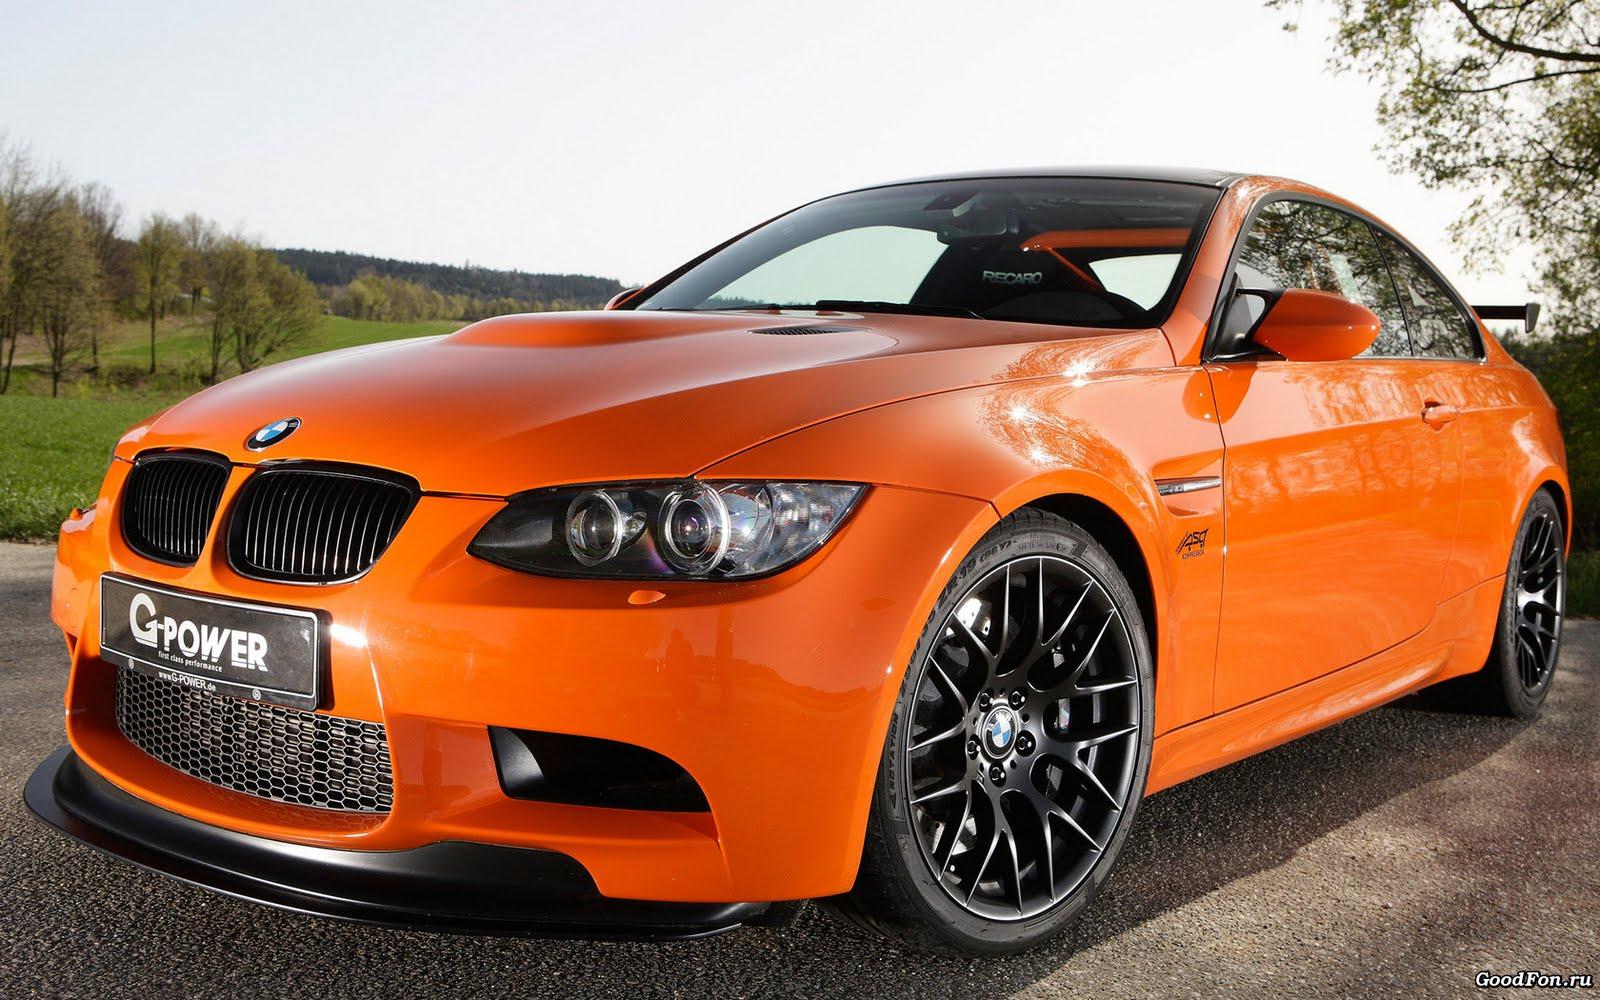 http://2.bp.blogspot.com/--ilg5O95UNo/TkGLf26fswI/AAAAAAAAKqc/I0V5DCF7NVQ/s1600/BMW%20HQ%20Wallpaper%20%2881%29.jpg